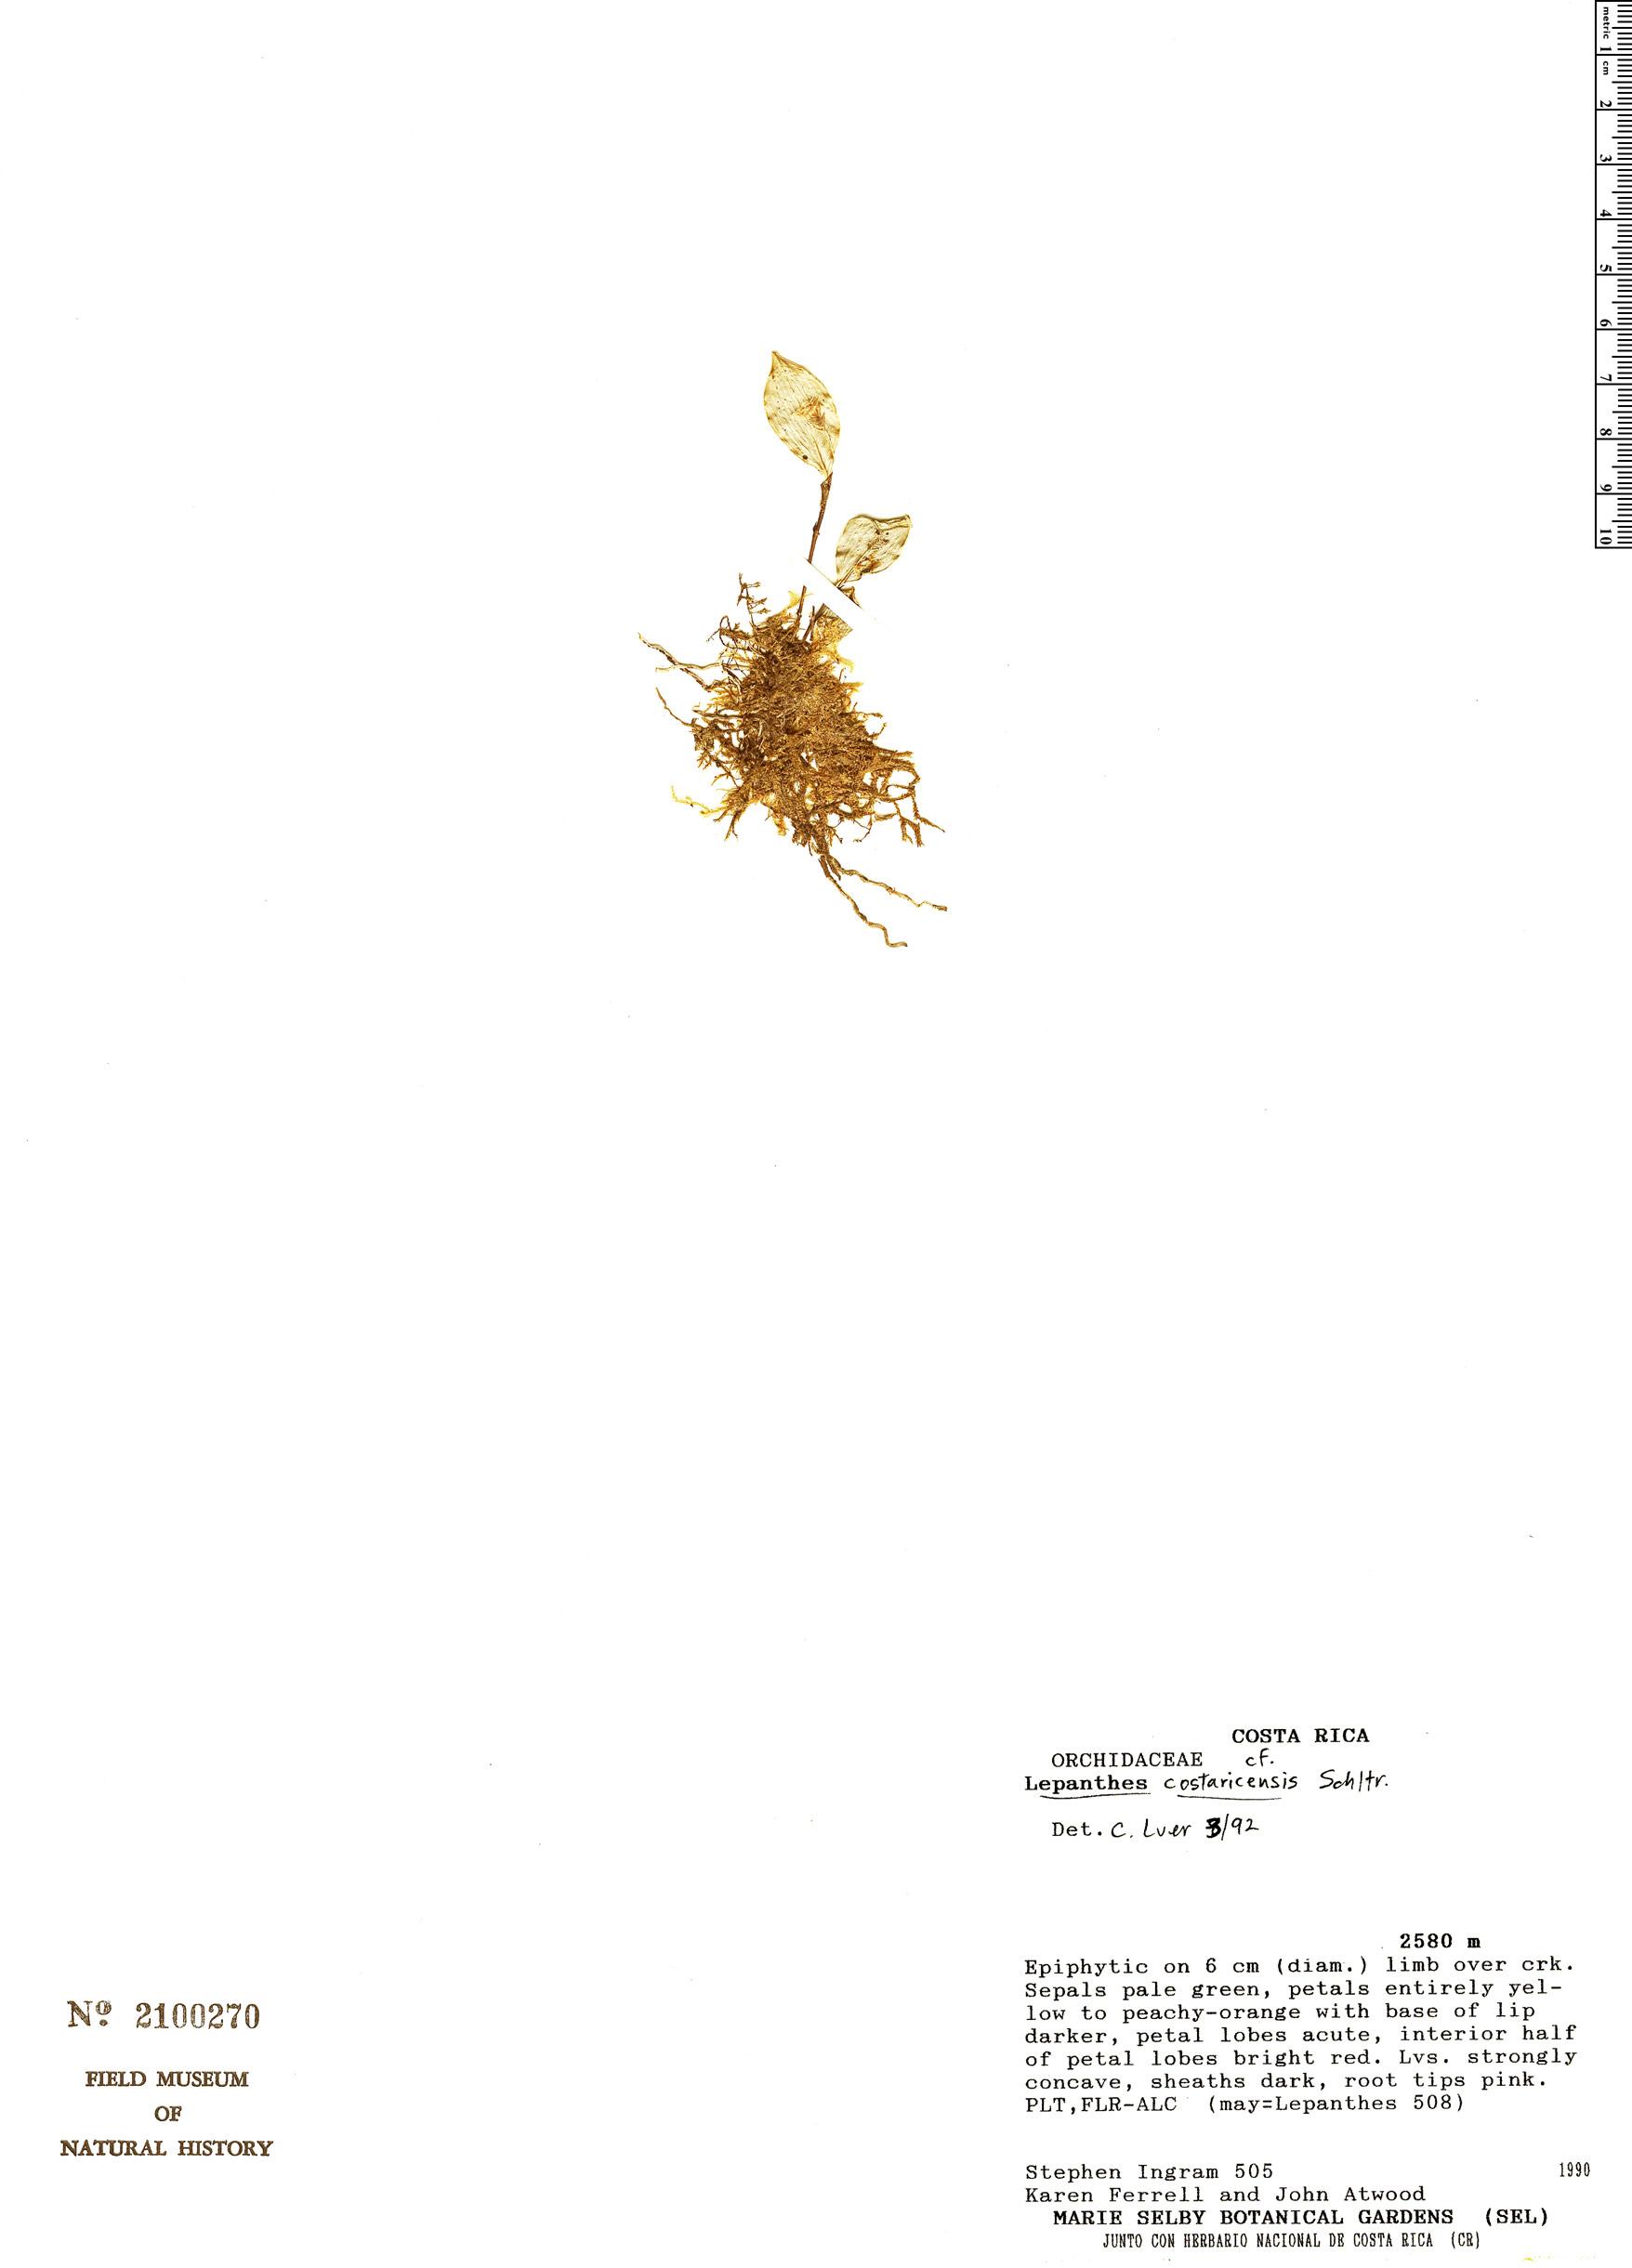 Specimen: Lepanthes costaricensis